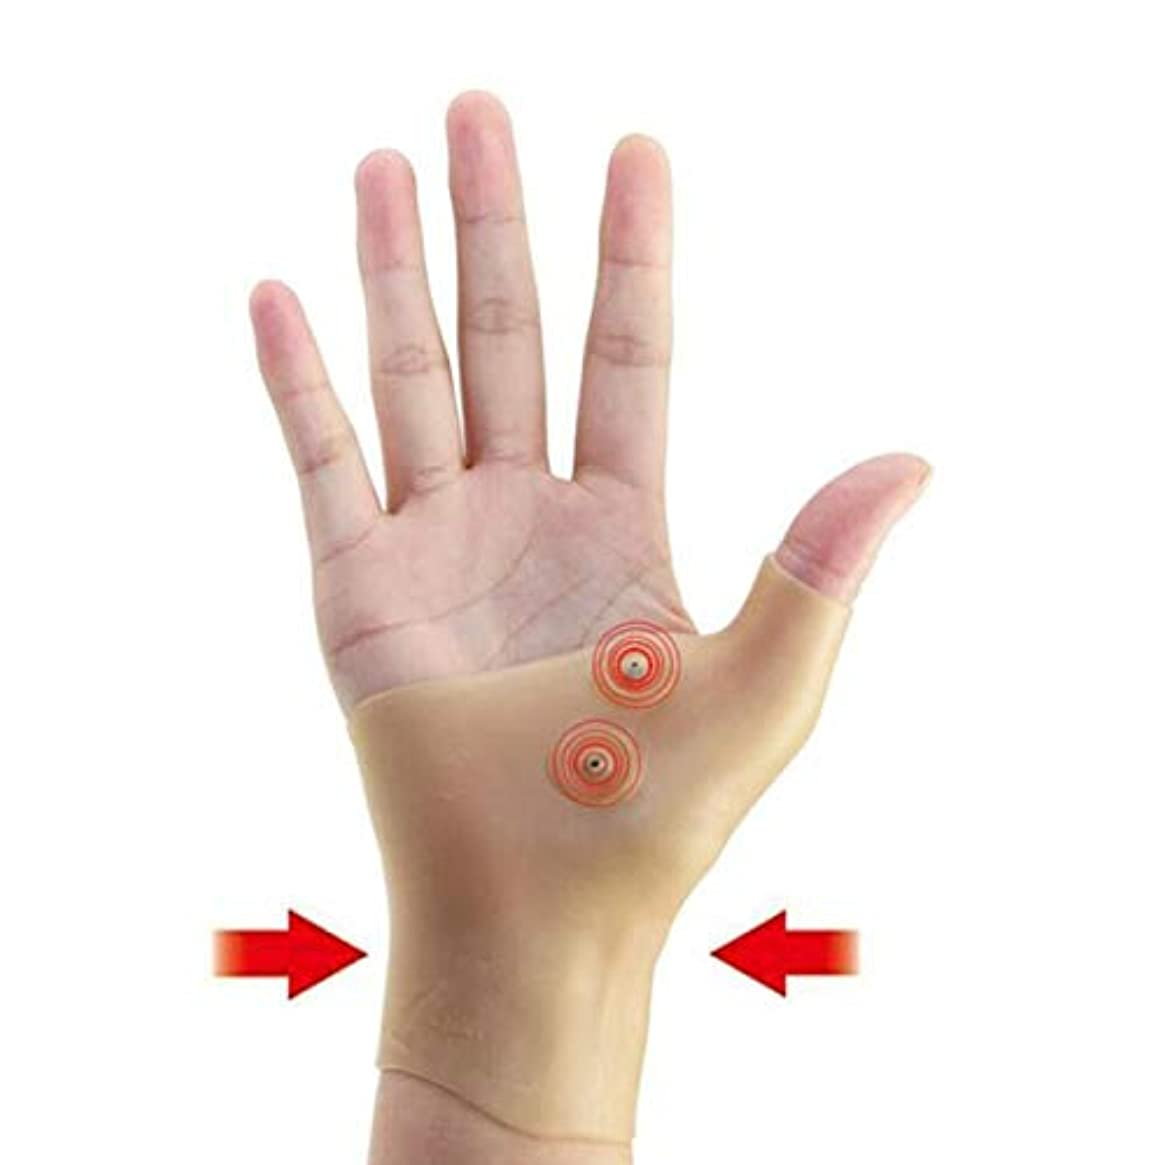 誓約お酒体細胞友美 磁気療法手首手親指サポート手袋シリコーンゲル関節炎圧力矯正器マッサージ痛み緩和手袋